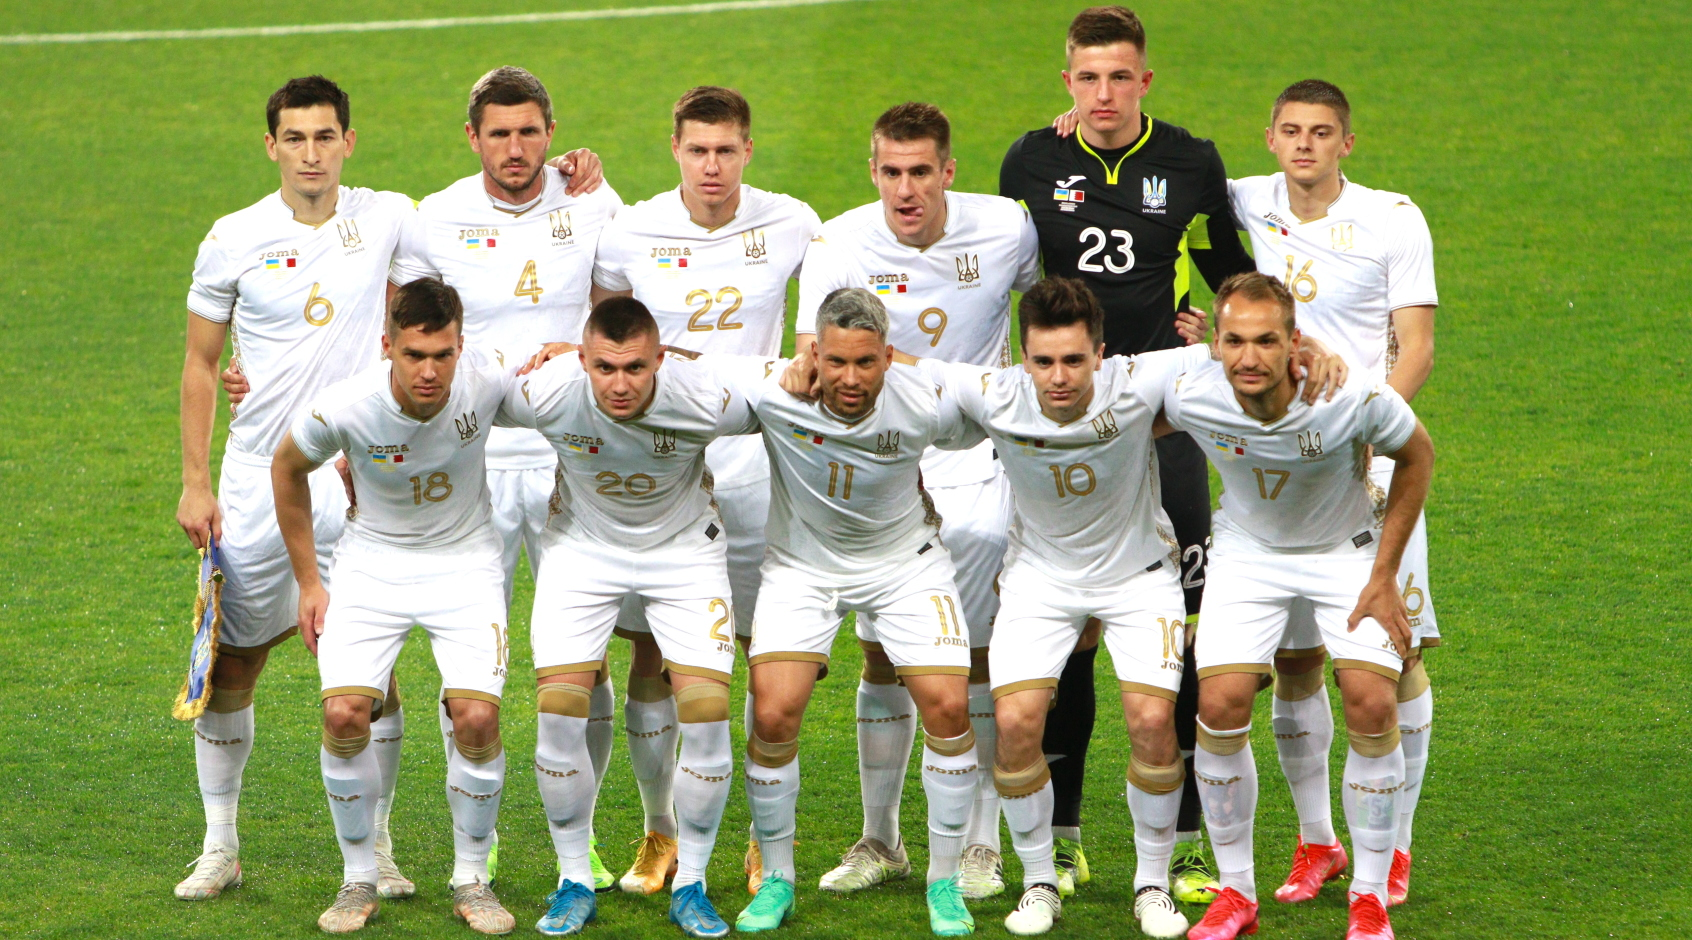 Как The Athletic представил сборную Украины и их соперников на Евро-2020: самая слабая группа турнира